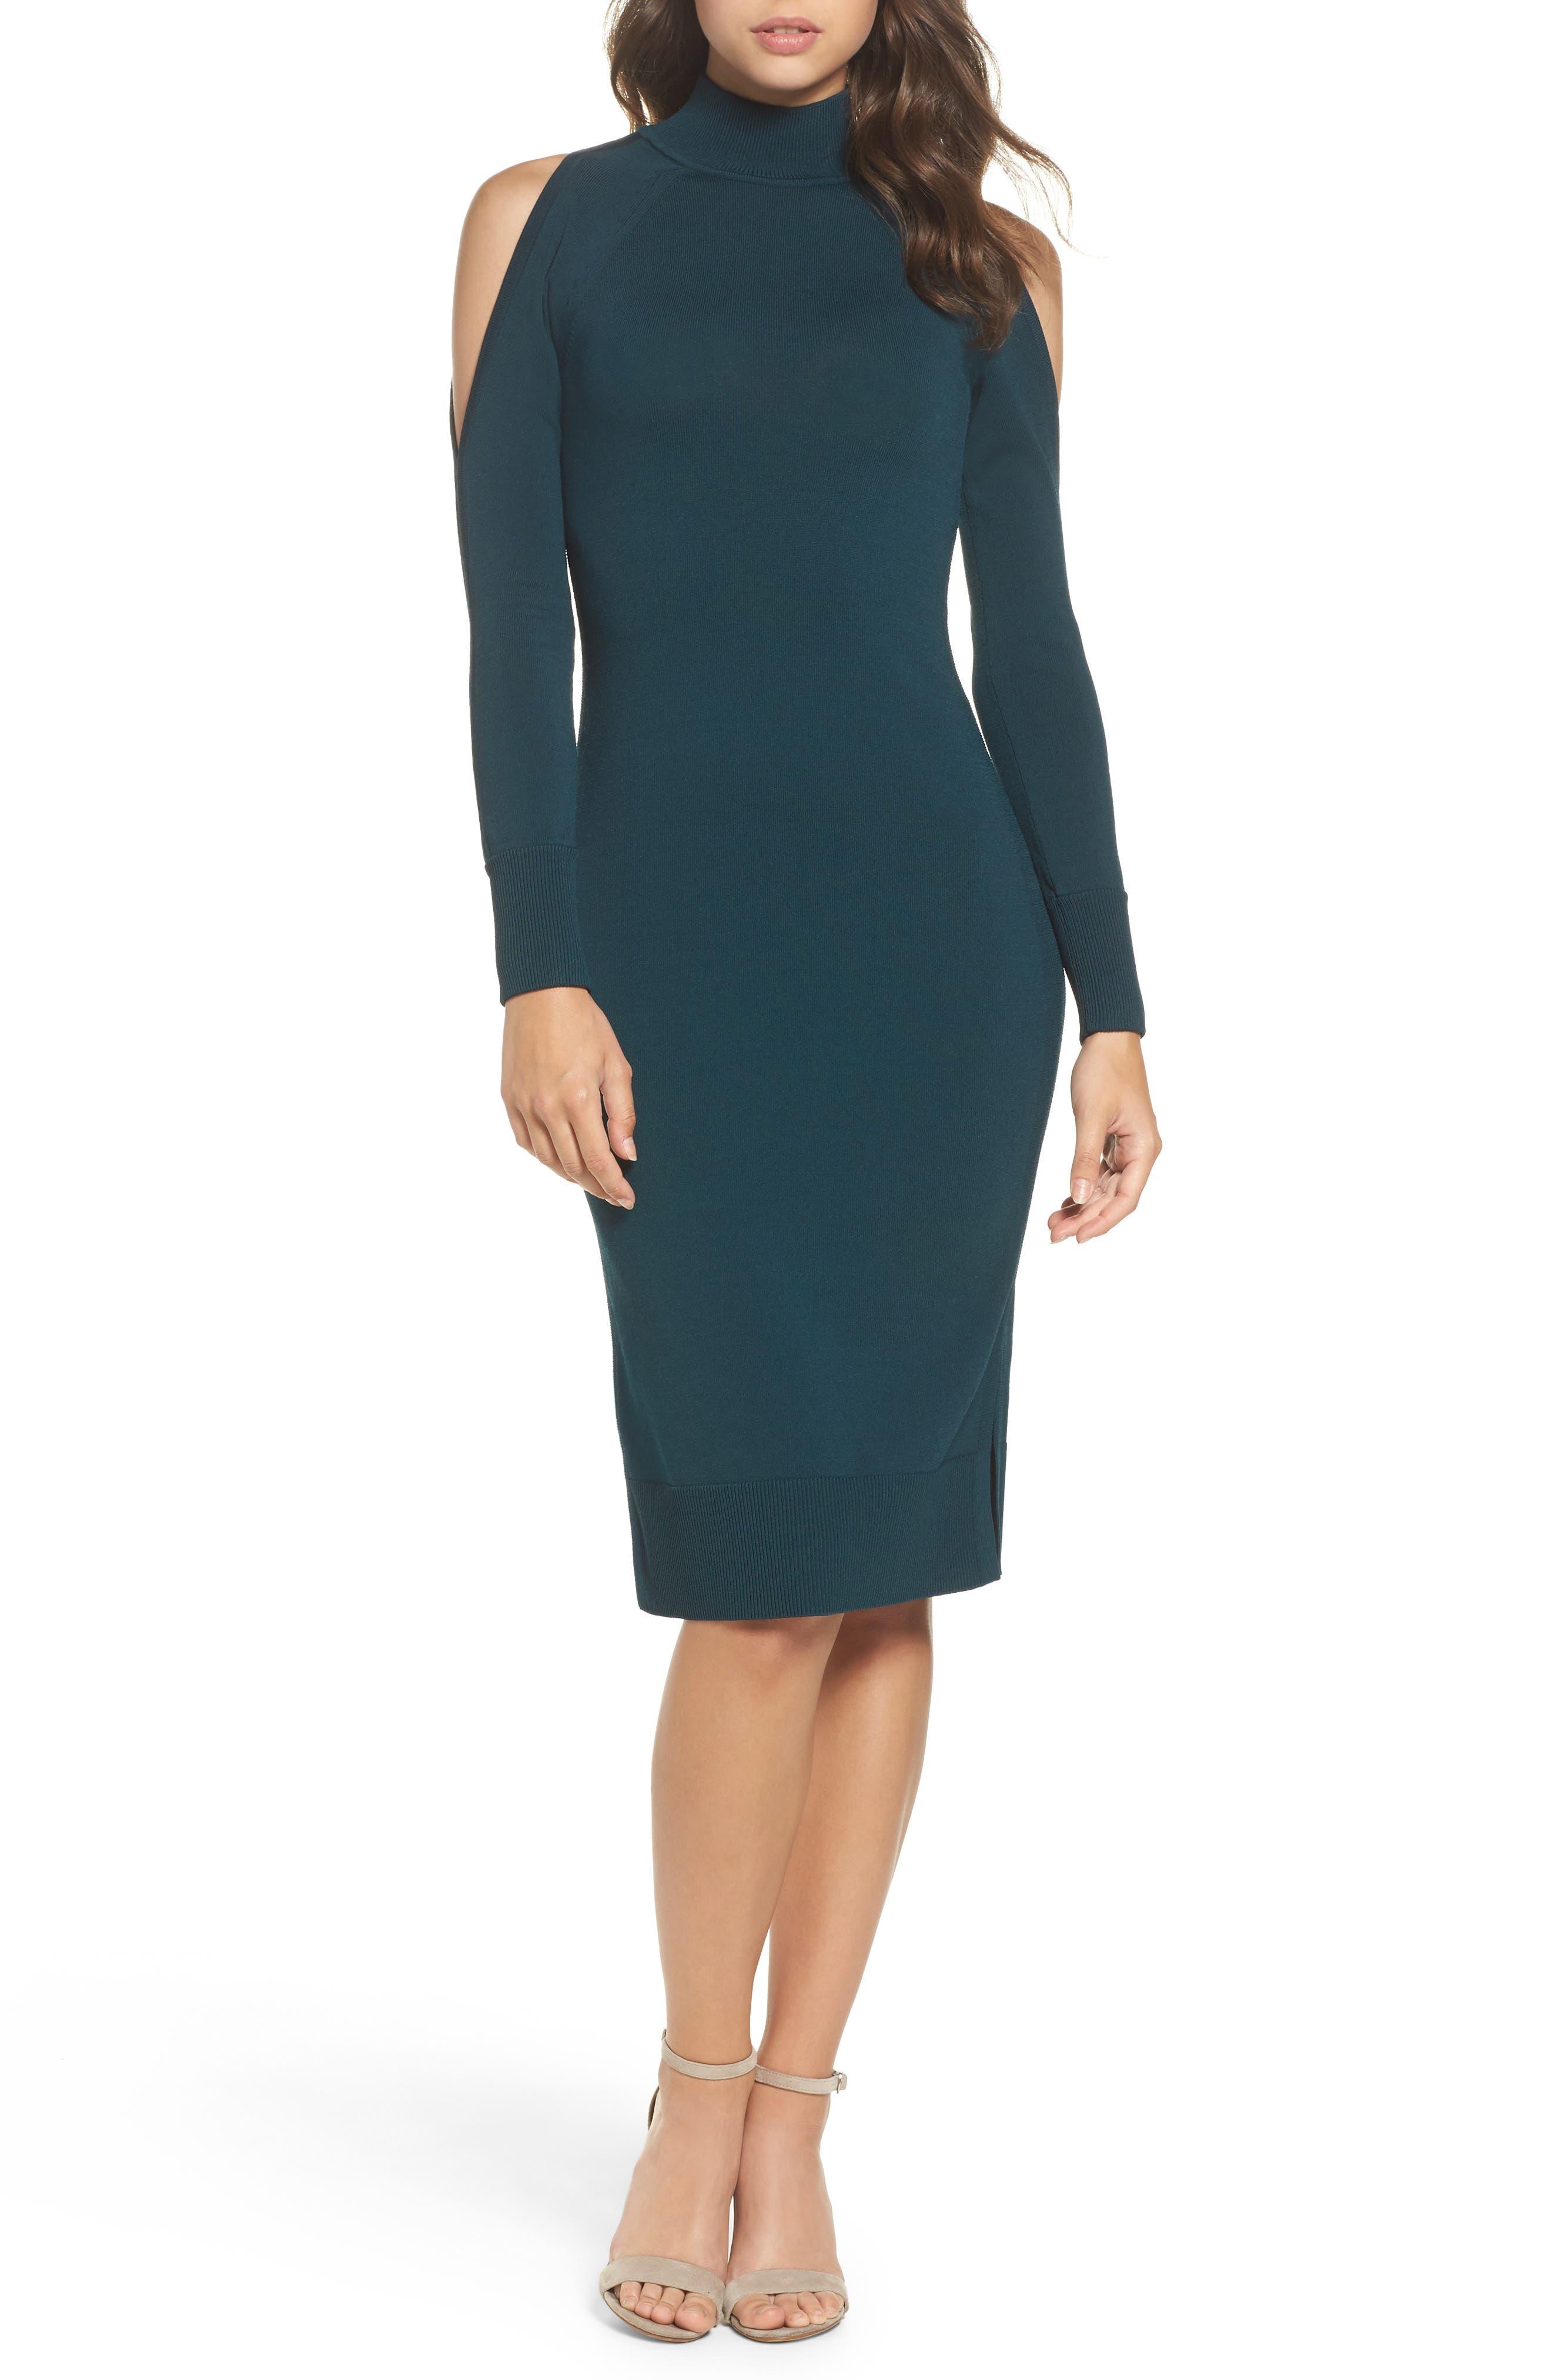 Alternate Image 1 Selected - Vince Camuto Cold Shoulder Turtleneck Dress